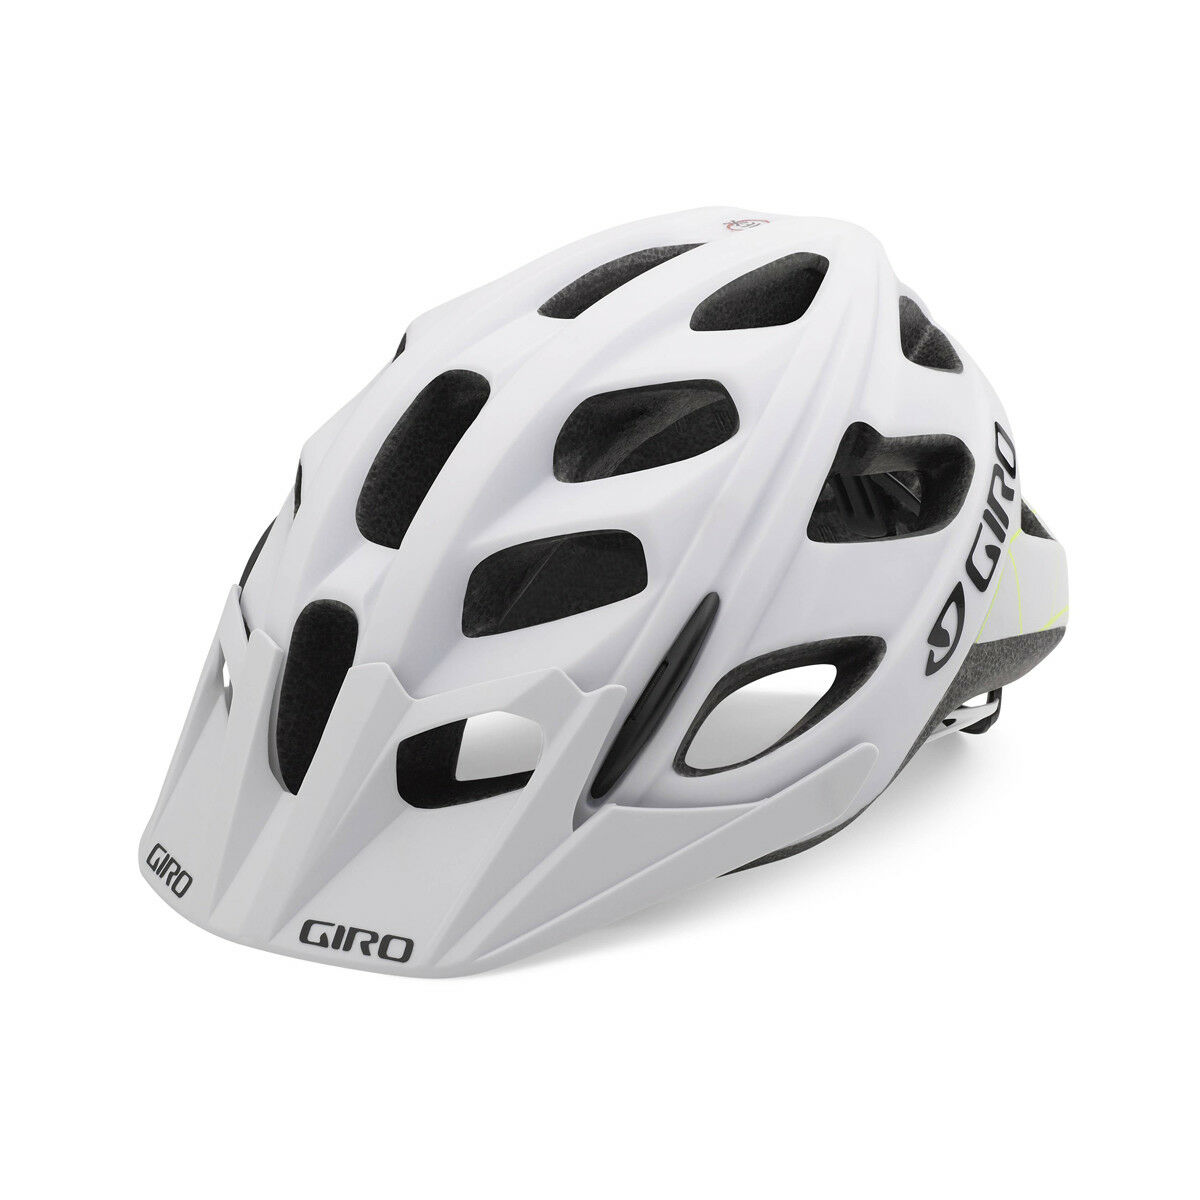 Giro Hex MTB casco de bicicleta blancoo 2019